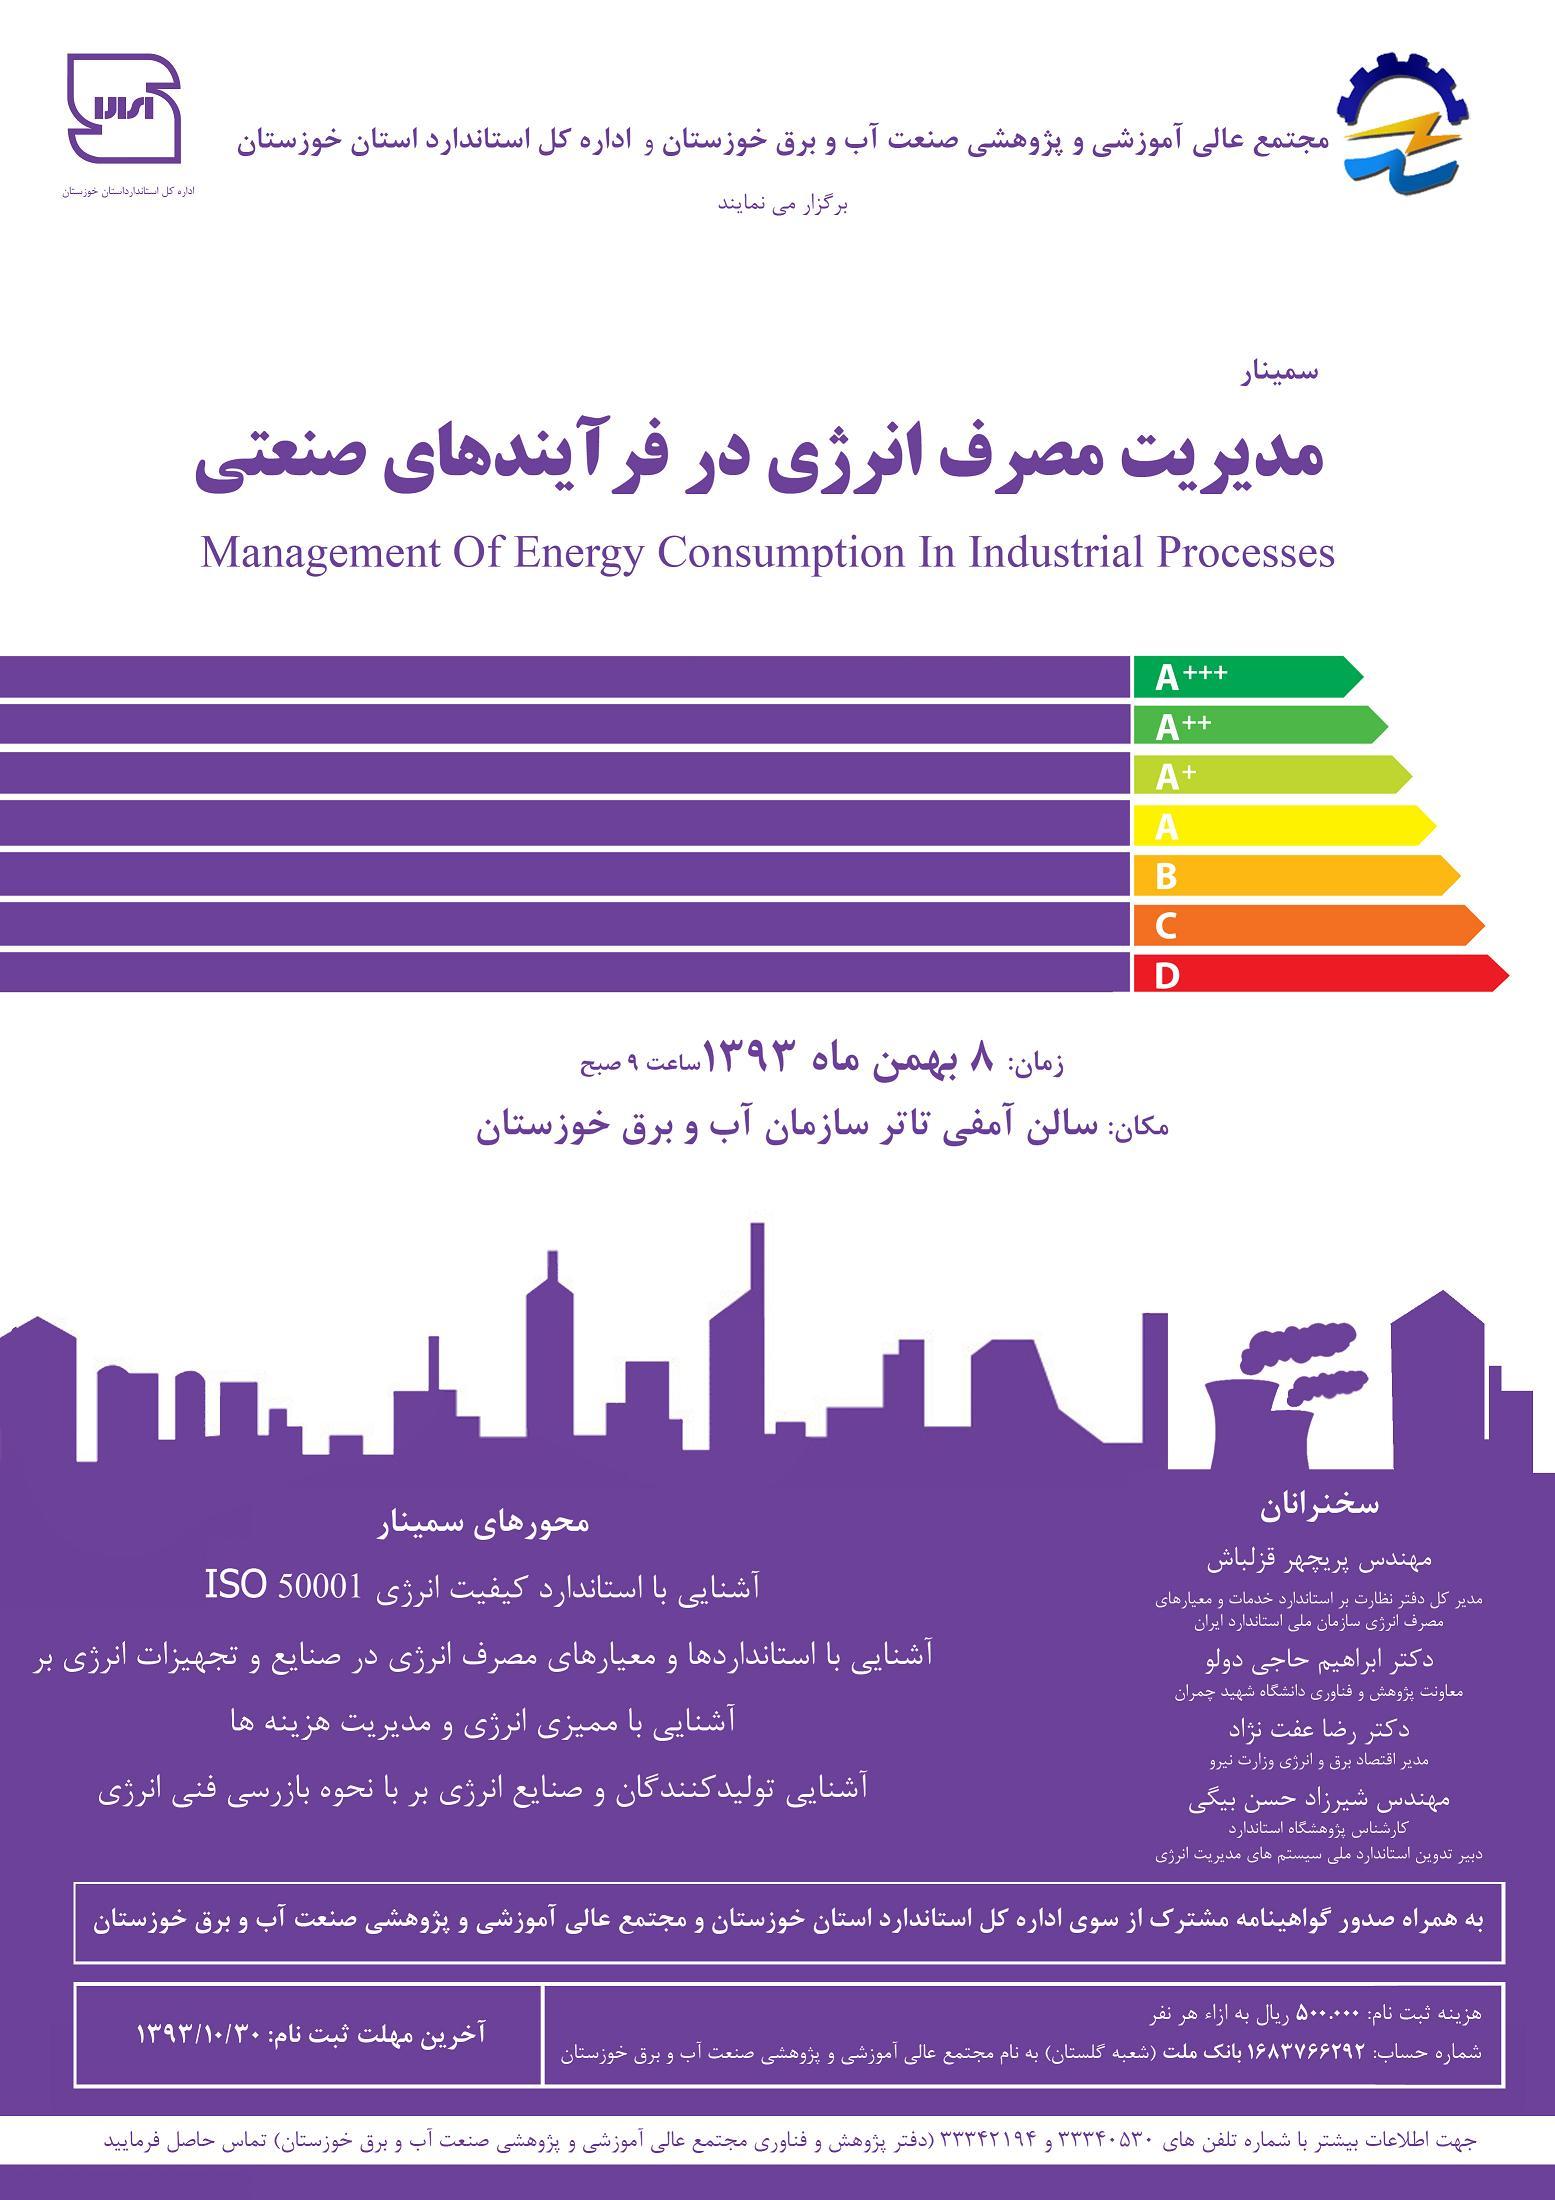 """سمینار آموزشی """"مدیریت مصرف انرژی در فرآیندهای صنعتی"""""""